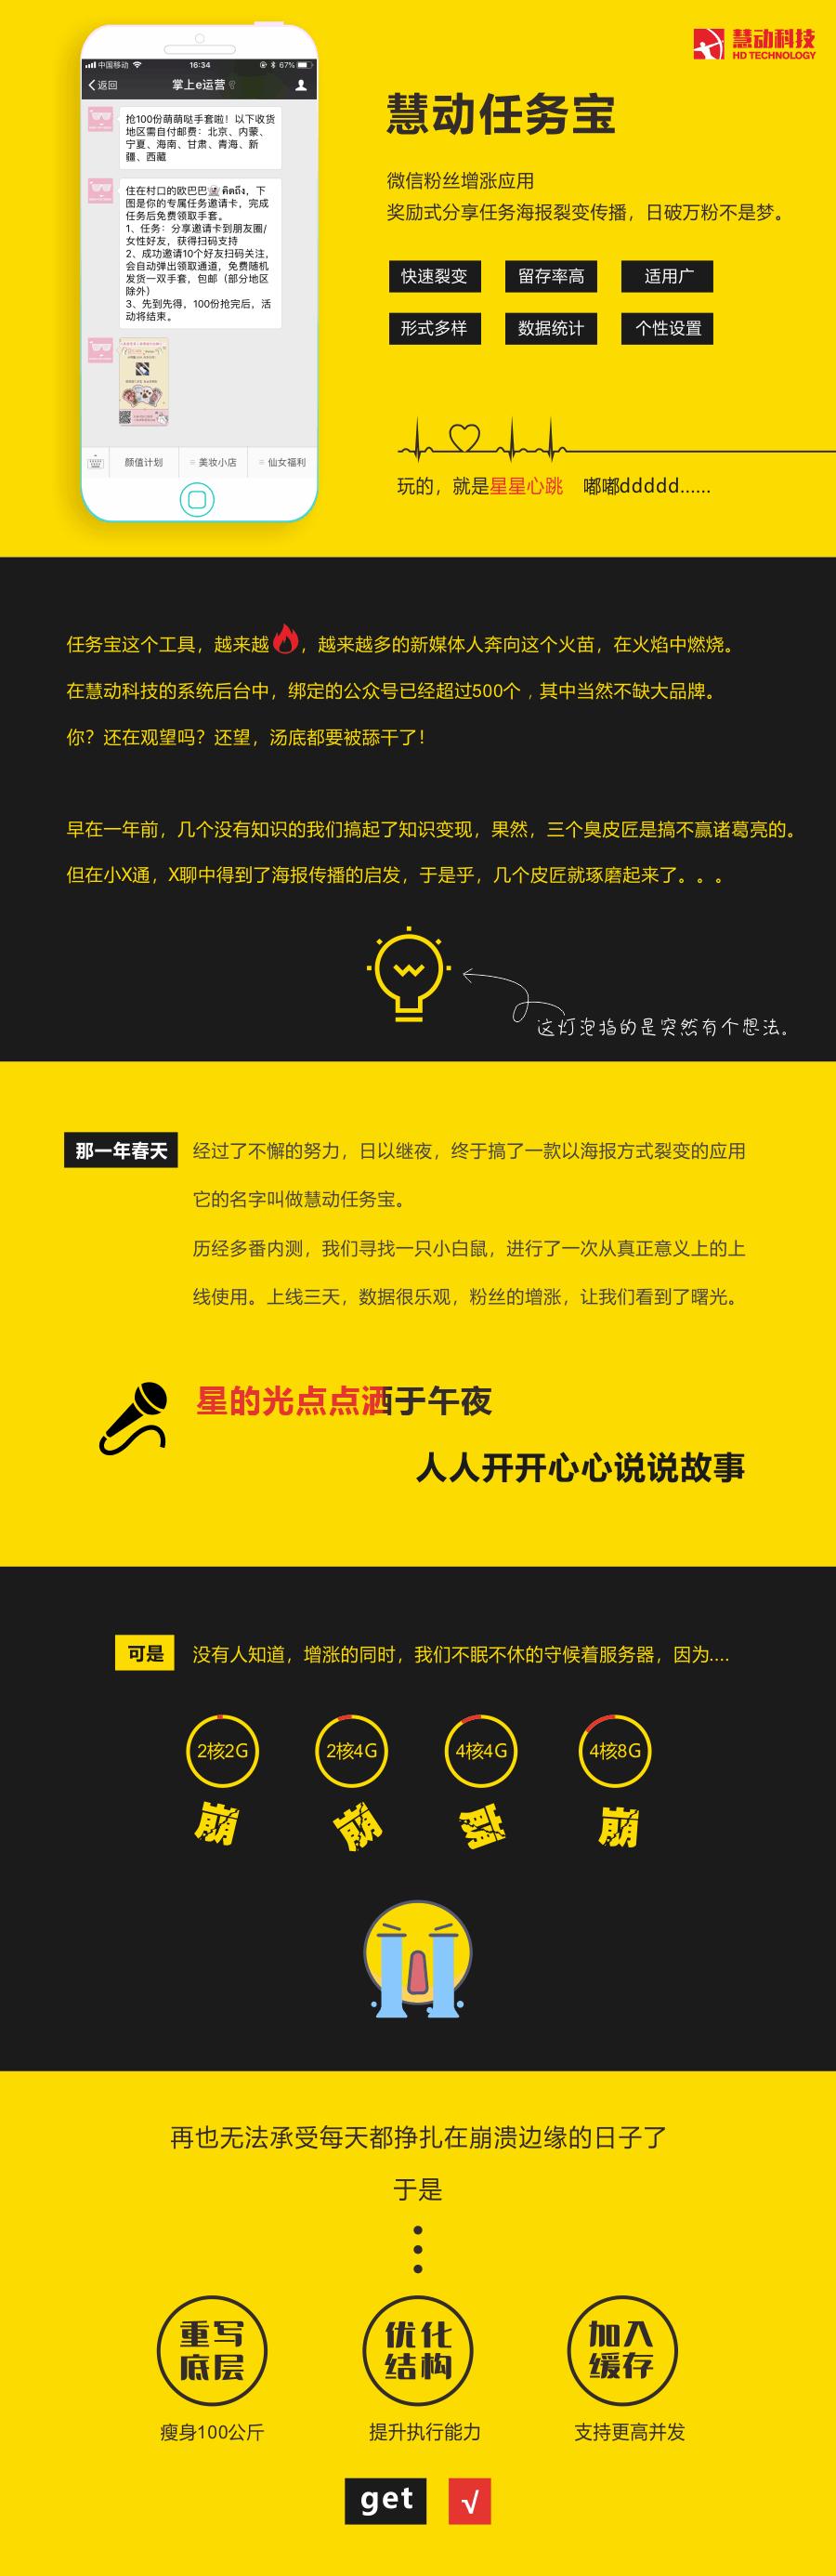 【公众号应用】修复版慧动矩阵任务宝V2.2.7完整安装包